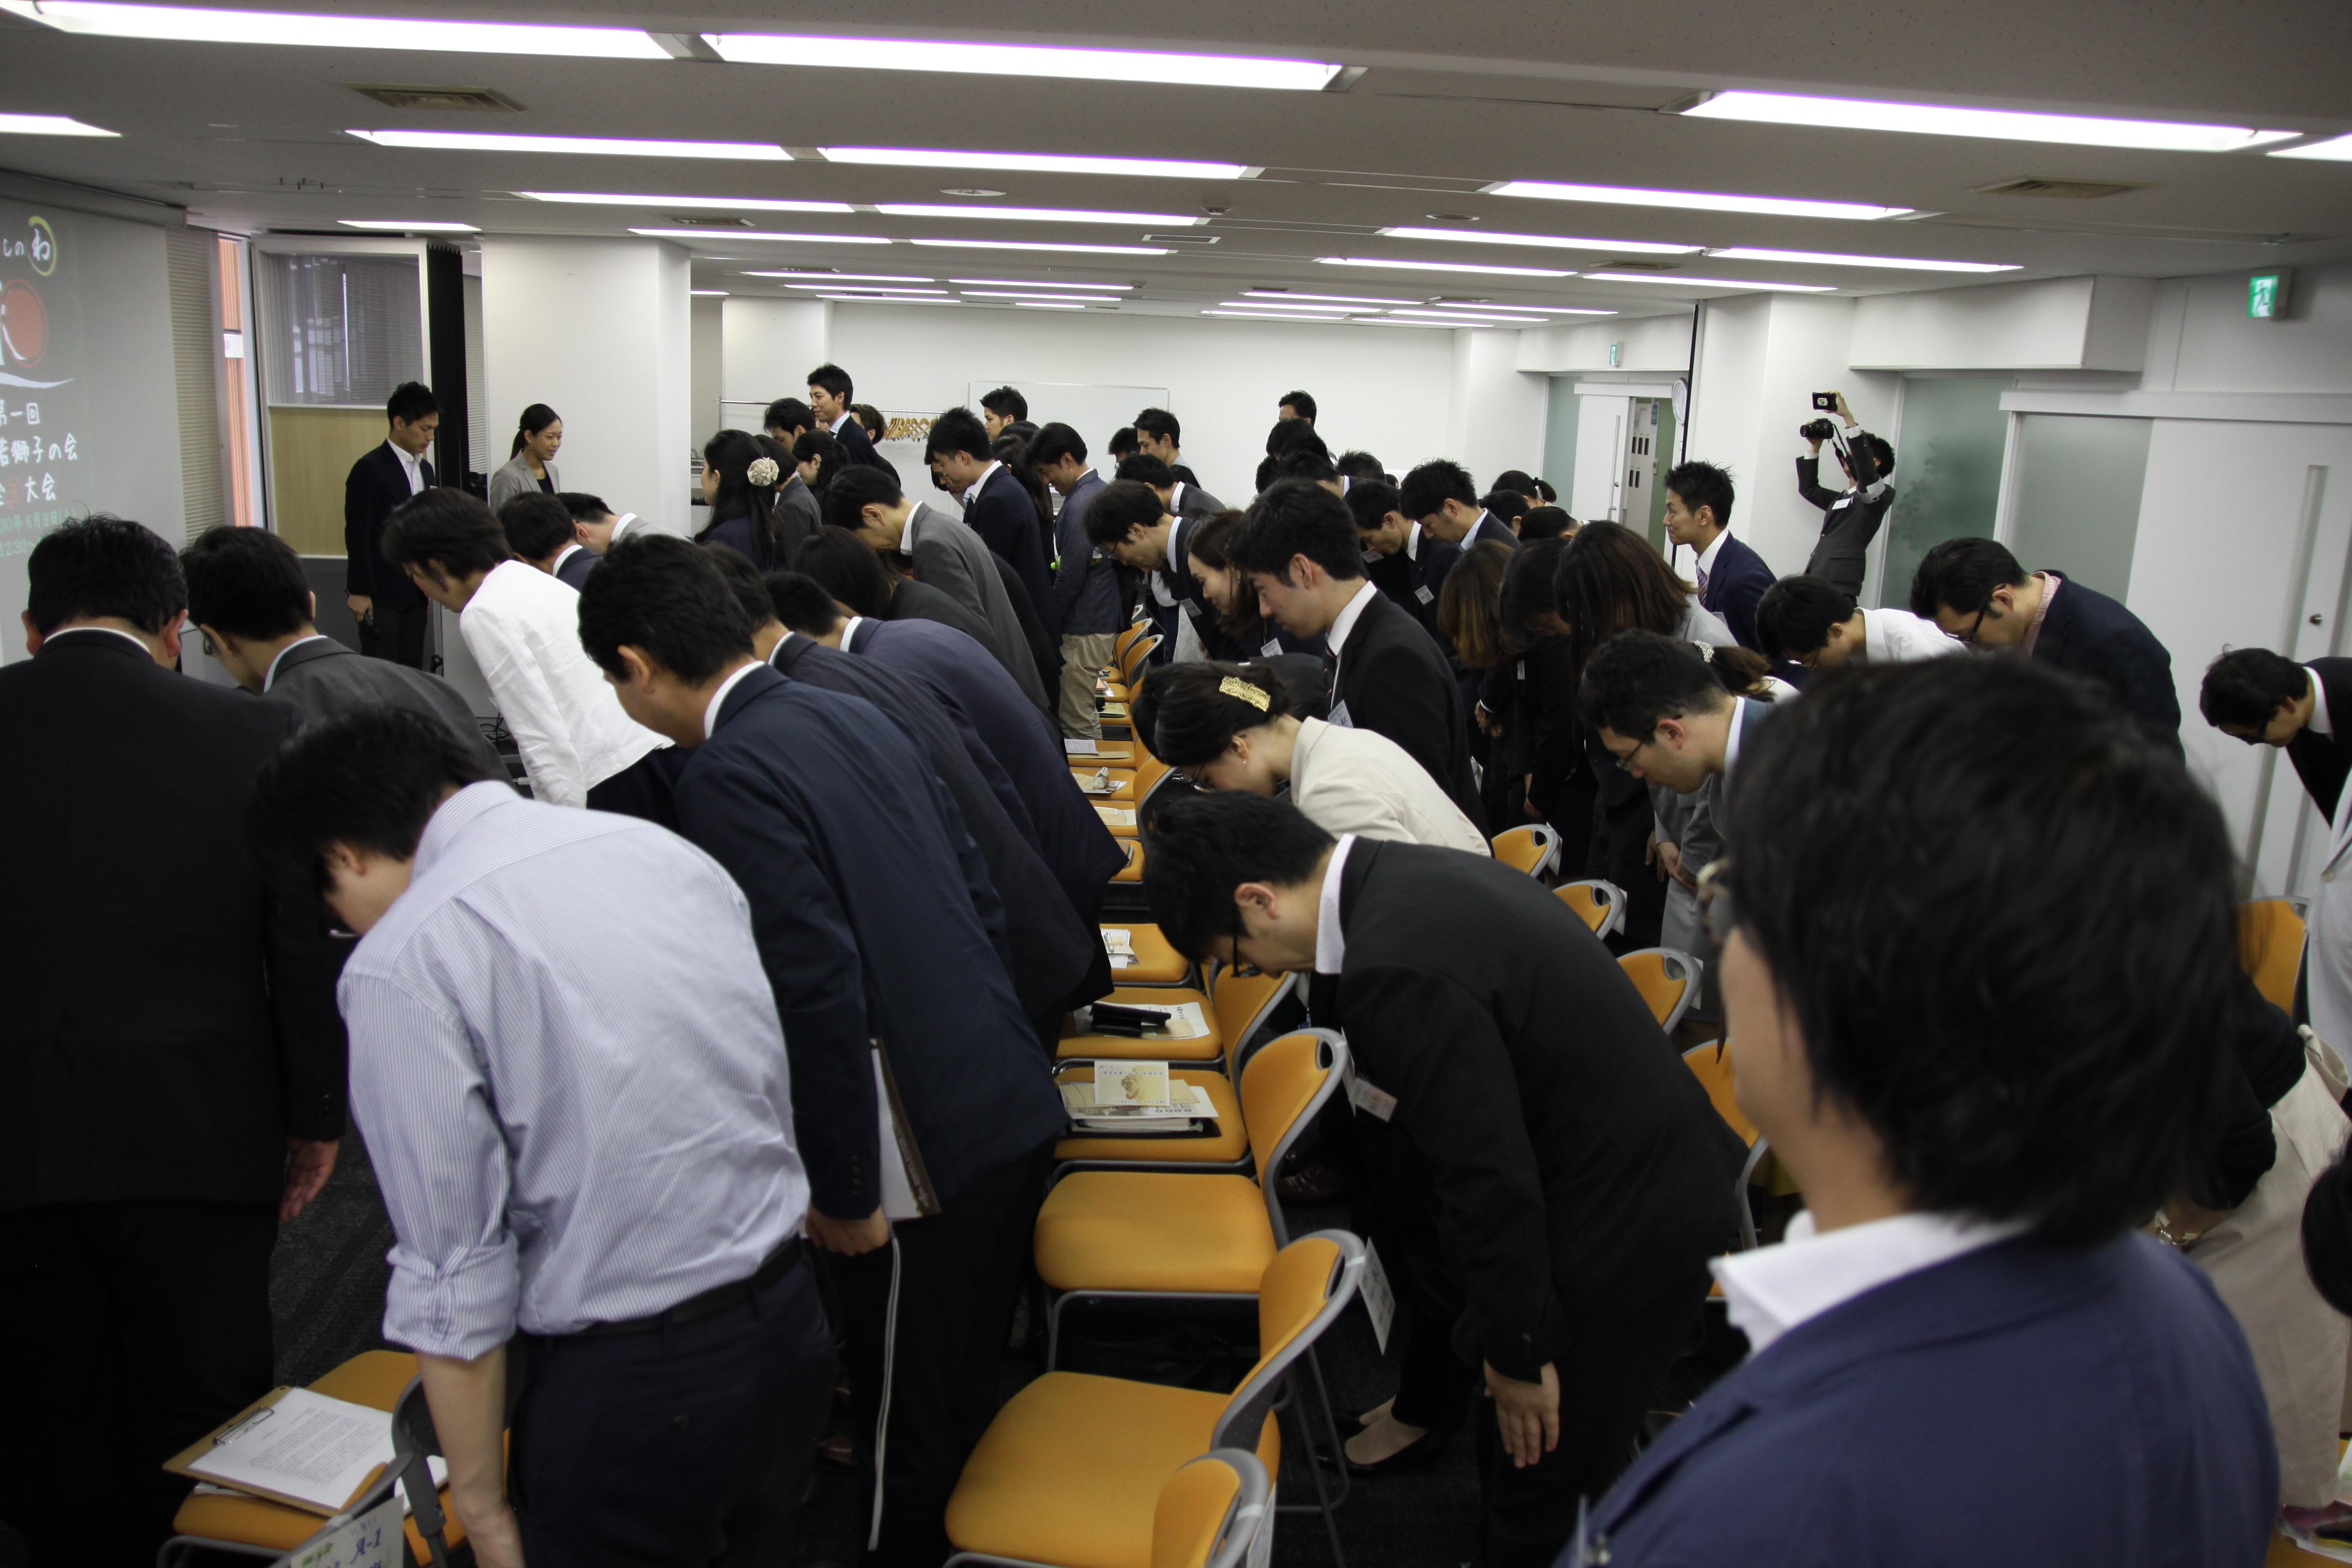 IMG 4531 - 関東若獅子の会、記念すべき第100回